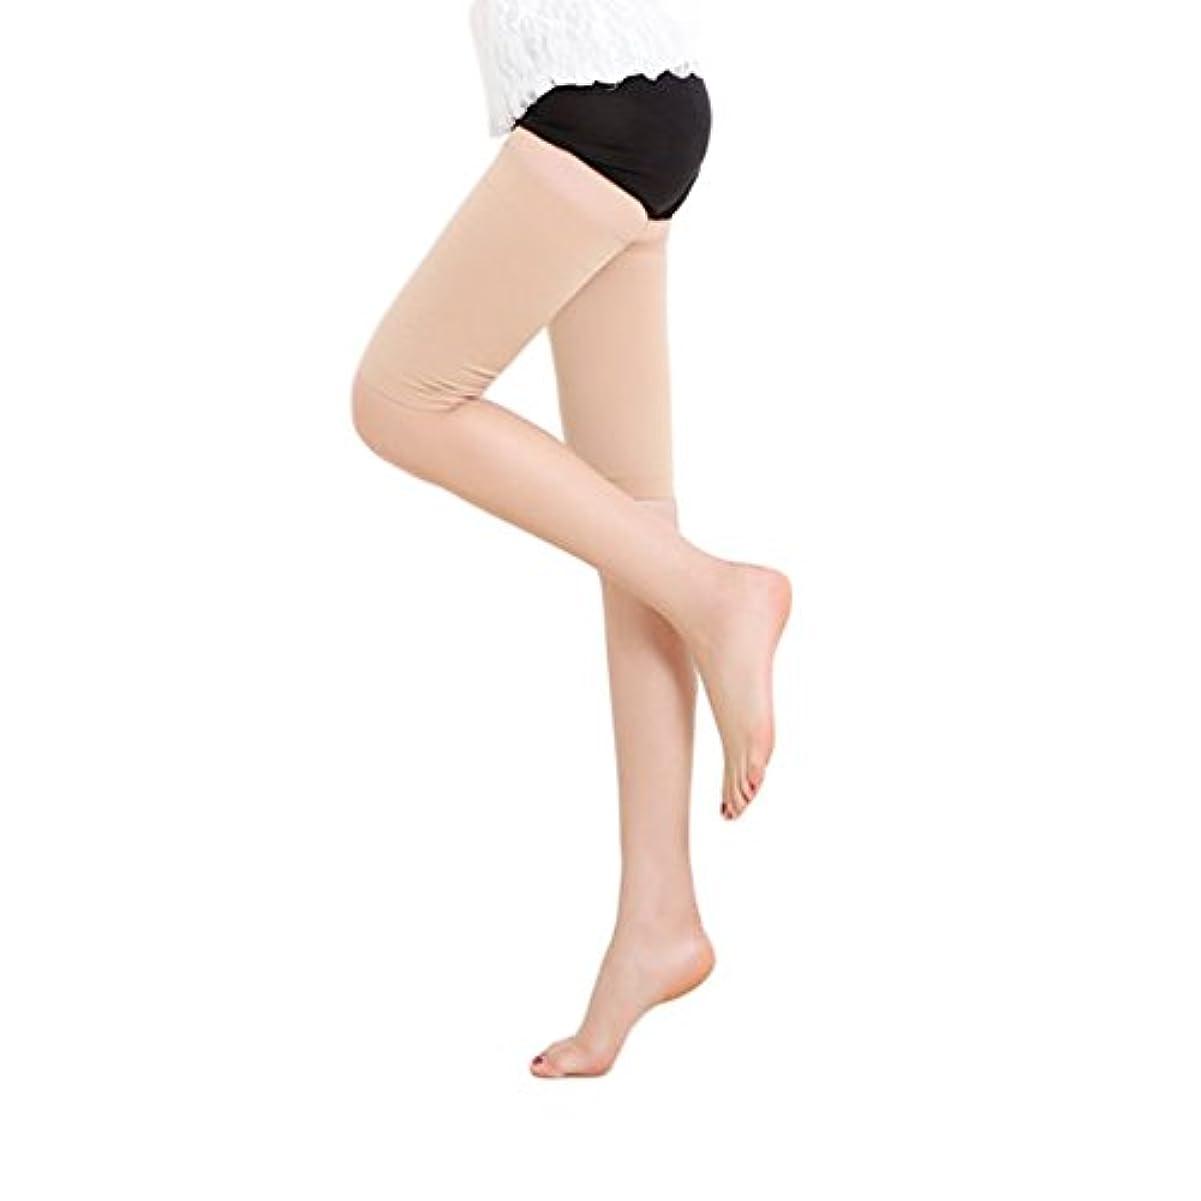 引き潮リビジョンバルコニーMEJORMEN 加圧 太ももサポーター 着圧ソックス 段階式圧力設計(30-40mmHg) 痩せ 筋肉質 美脚ケア 保温 通気性 太ももの疲れ?むくみ解消 1足 男女兼用 2色 M~XL